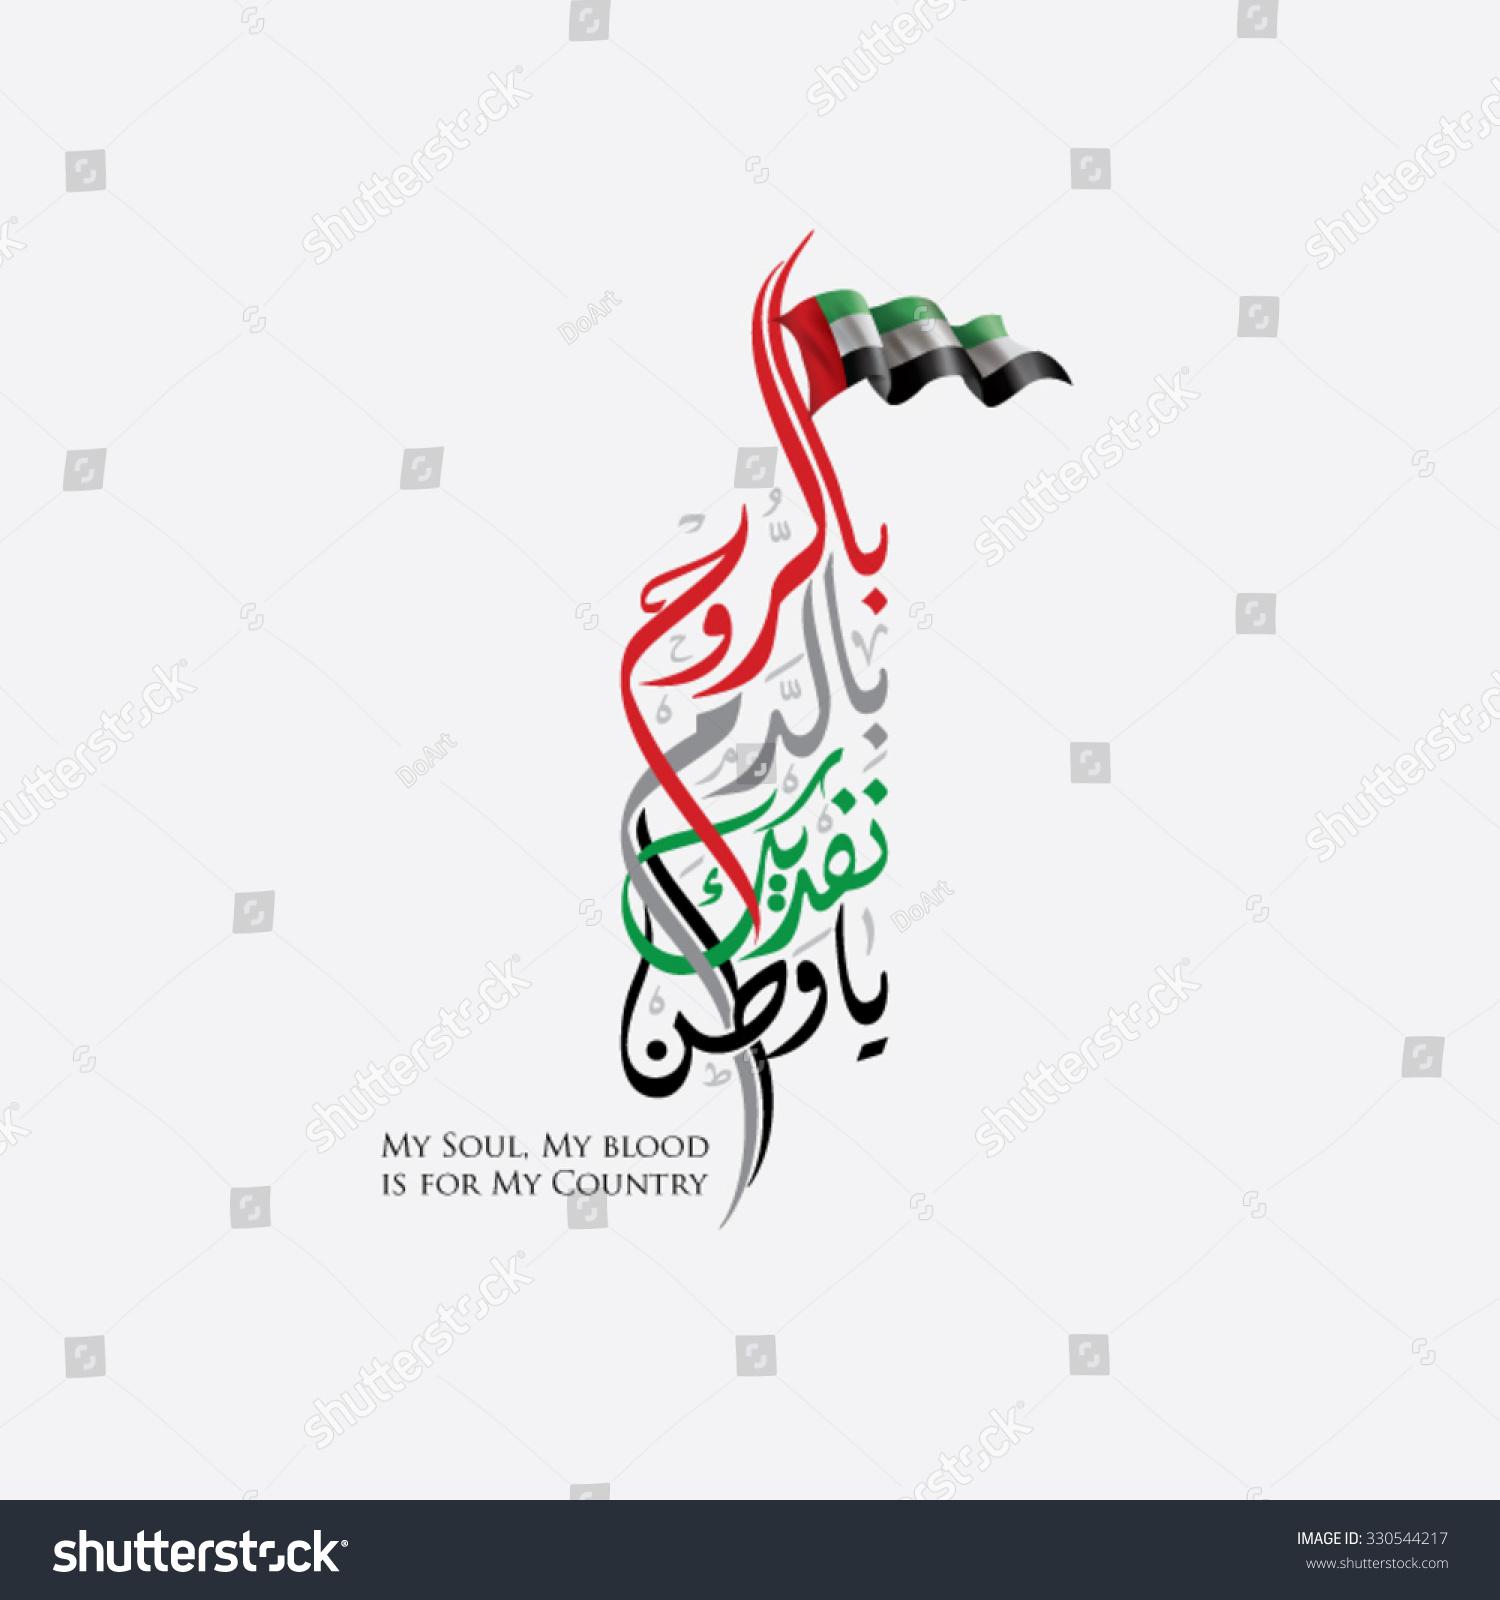 UAE Public Holidays 2018 Middle East